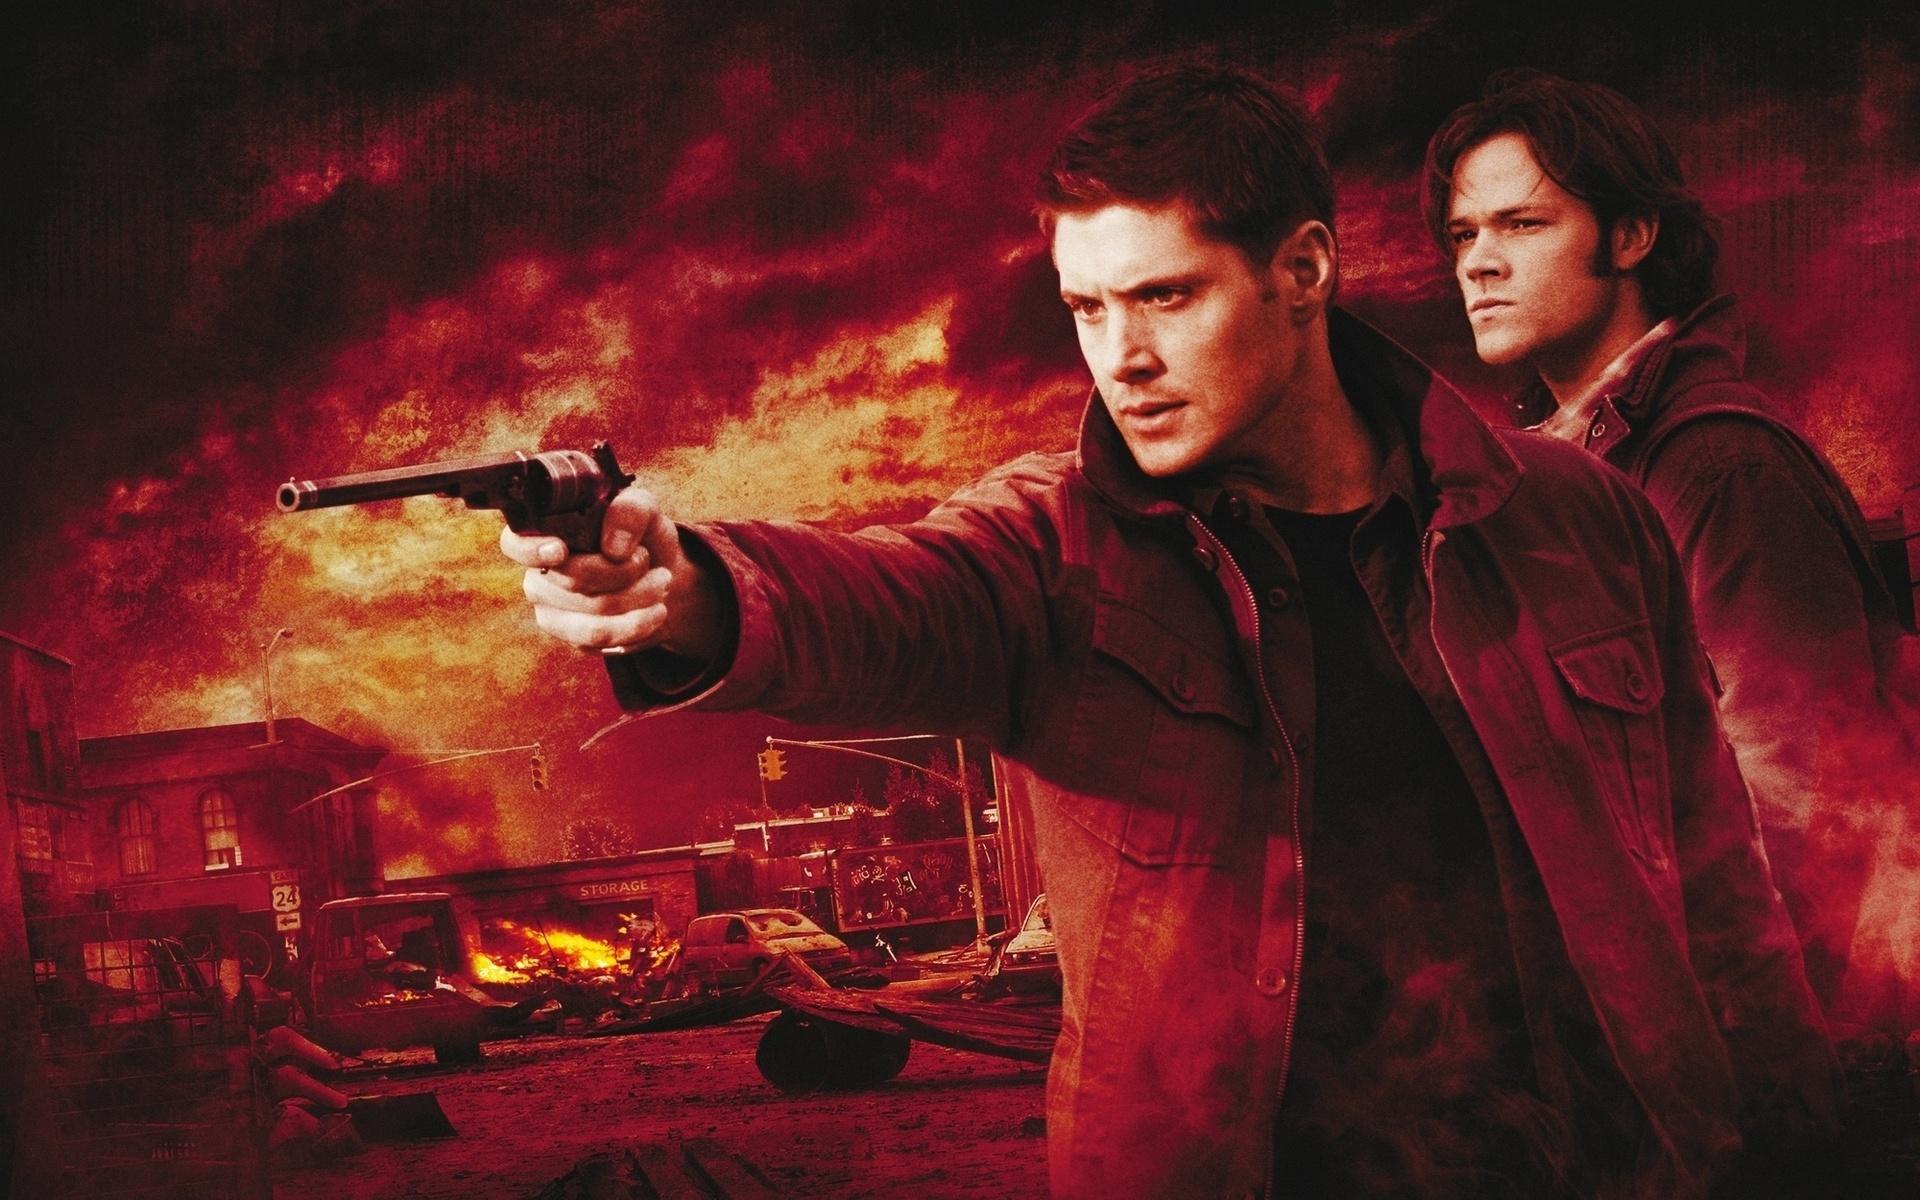 supernatural wallpapers gun